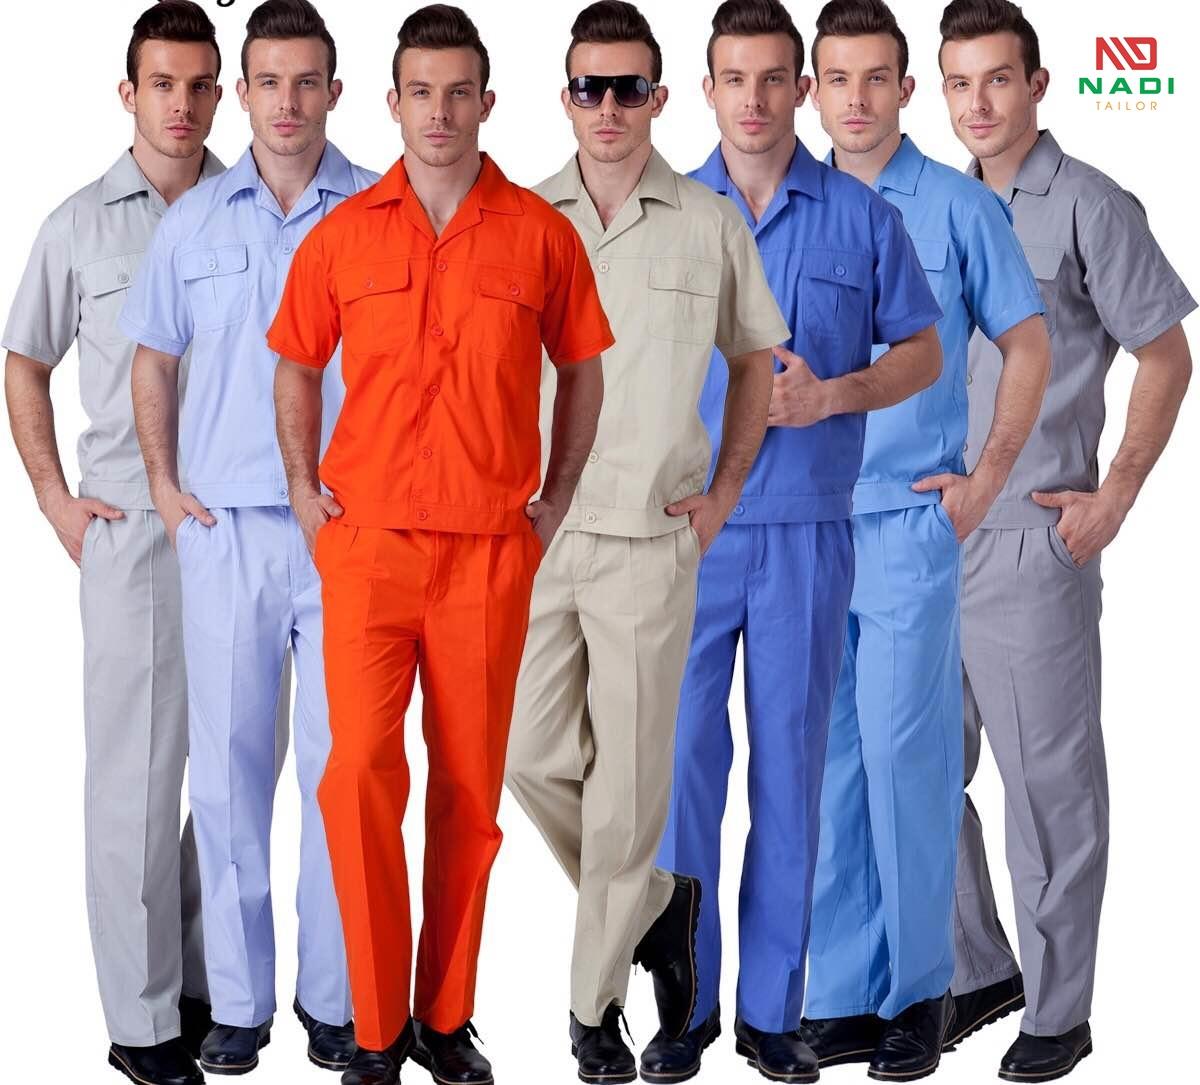 Lựa chọn màu sắc cho quần áo bảo hộ